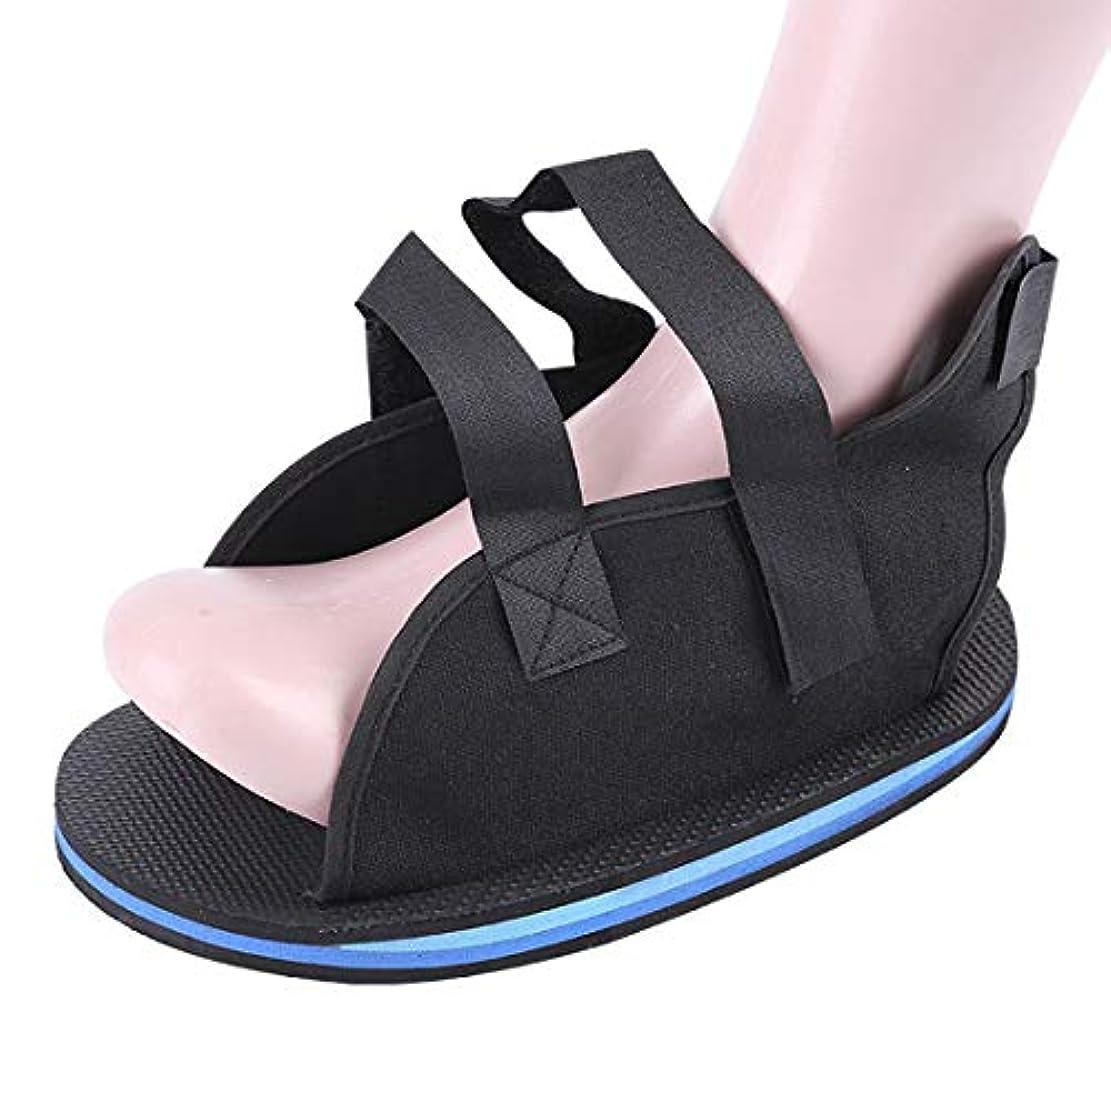 お願いしますシャックルメーカー医療足骨折石膏の回復靴の手術後のつま先の靴を安定化骨折の靴を調整可能なファスナーで完全なカバー,XS20cm